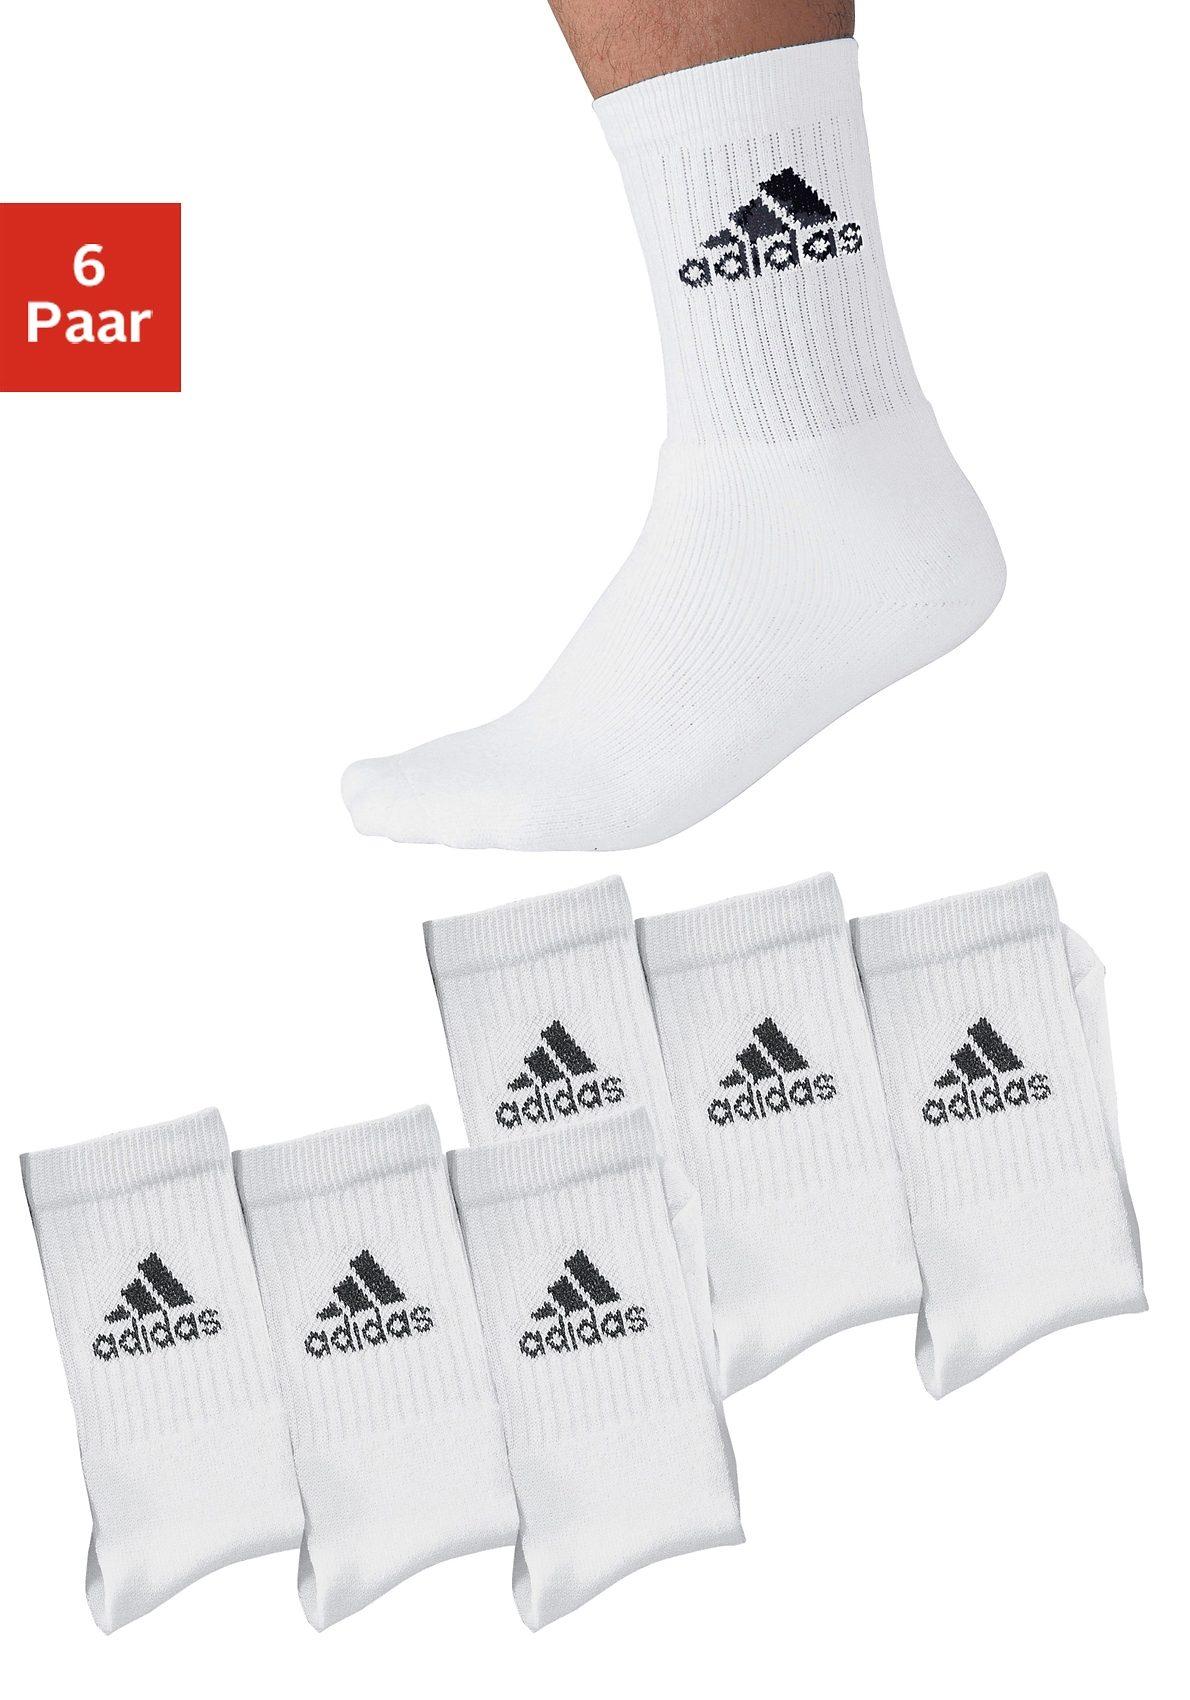 adidas Performance Sportsocken (6 Paar) mit Frottee